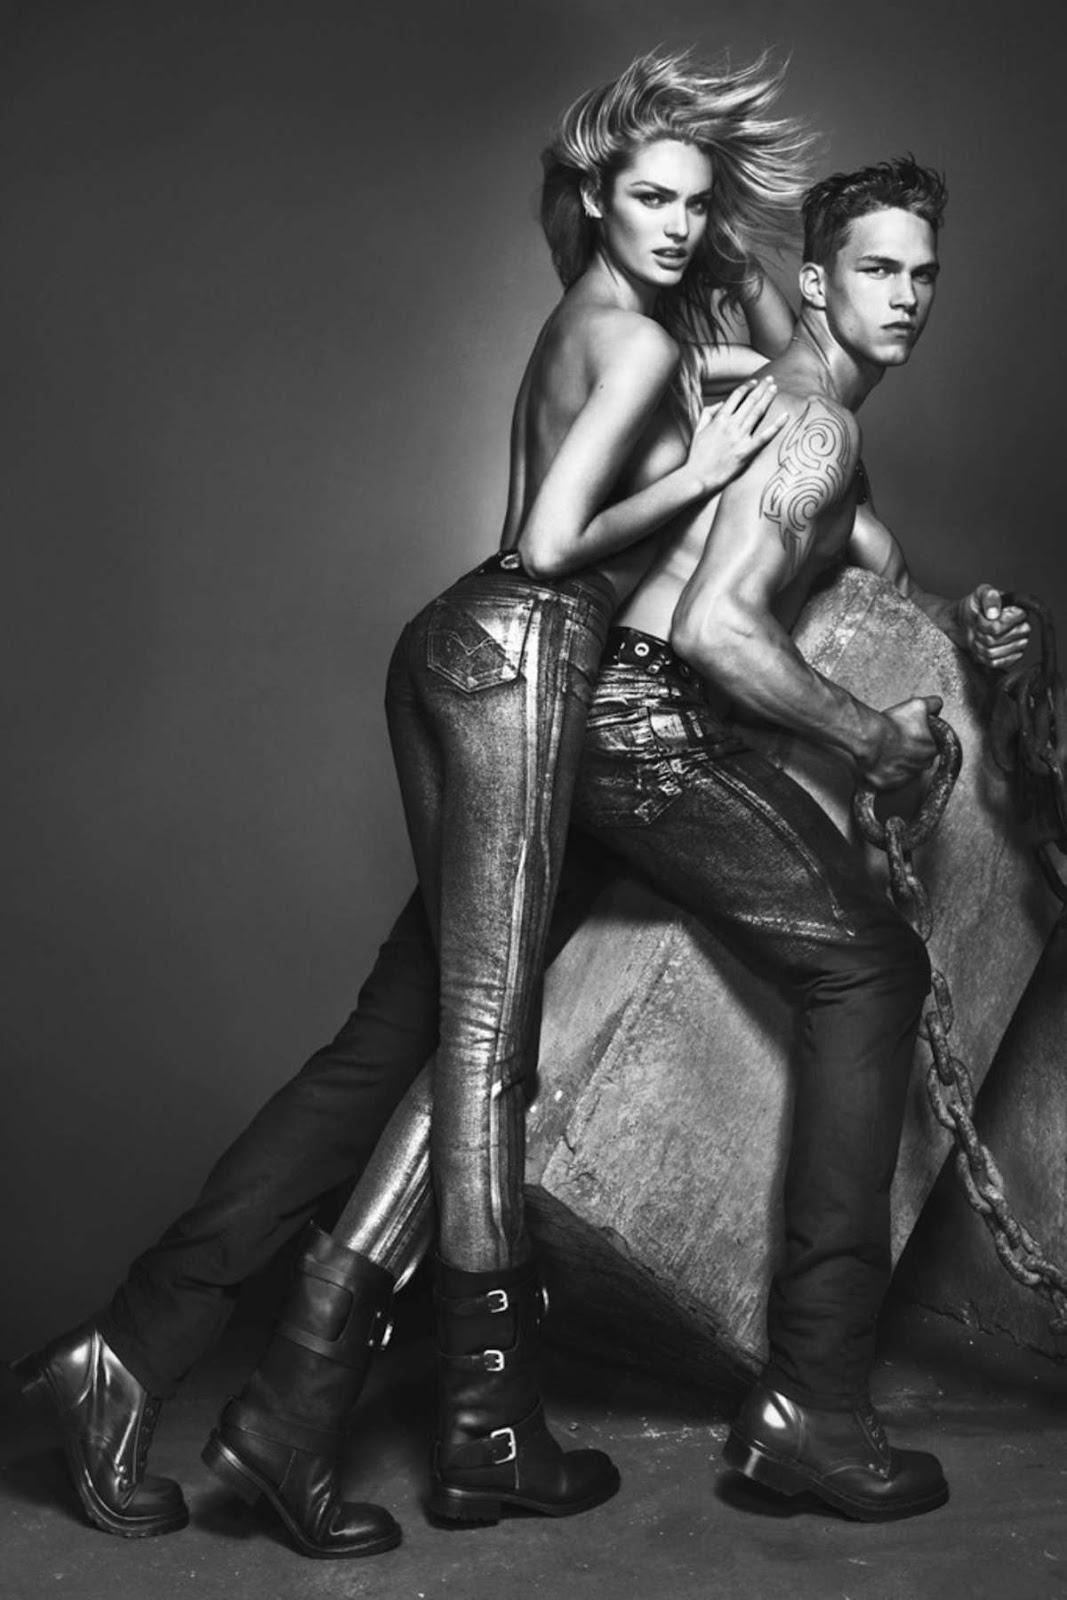 http://2.bp.blogspot.com/-EHxdRm2R8-s/T-2Um_QP3xI/AAAAAAAAHrY/0xrMIP2WkuE/s1600/Candice+Swanepoel+-+Versace+Jeans+F-W+2012+02.jpg